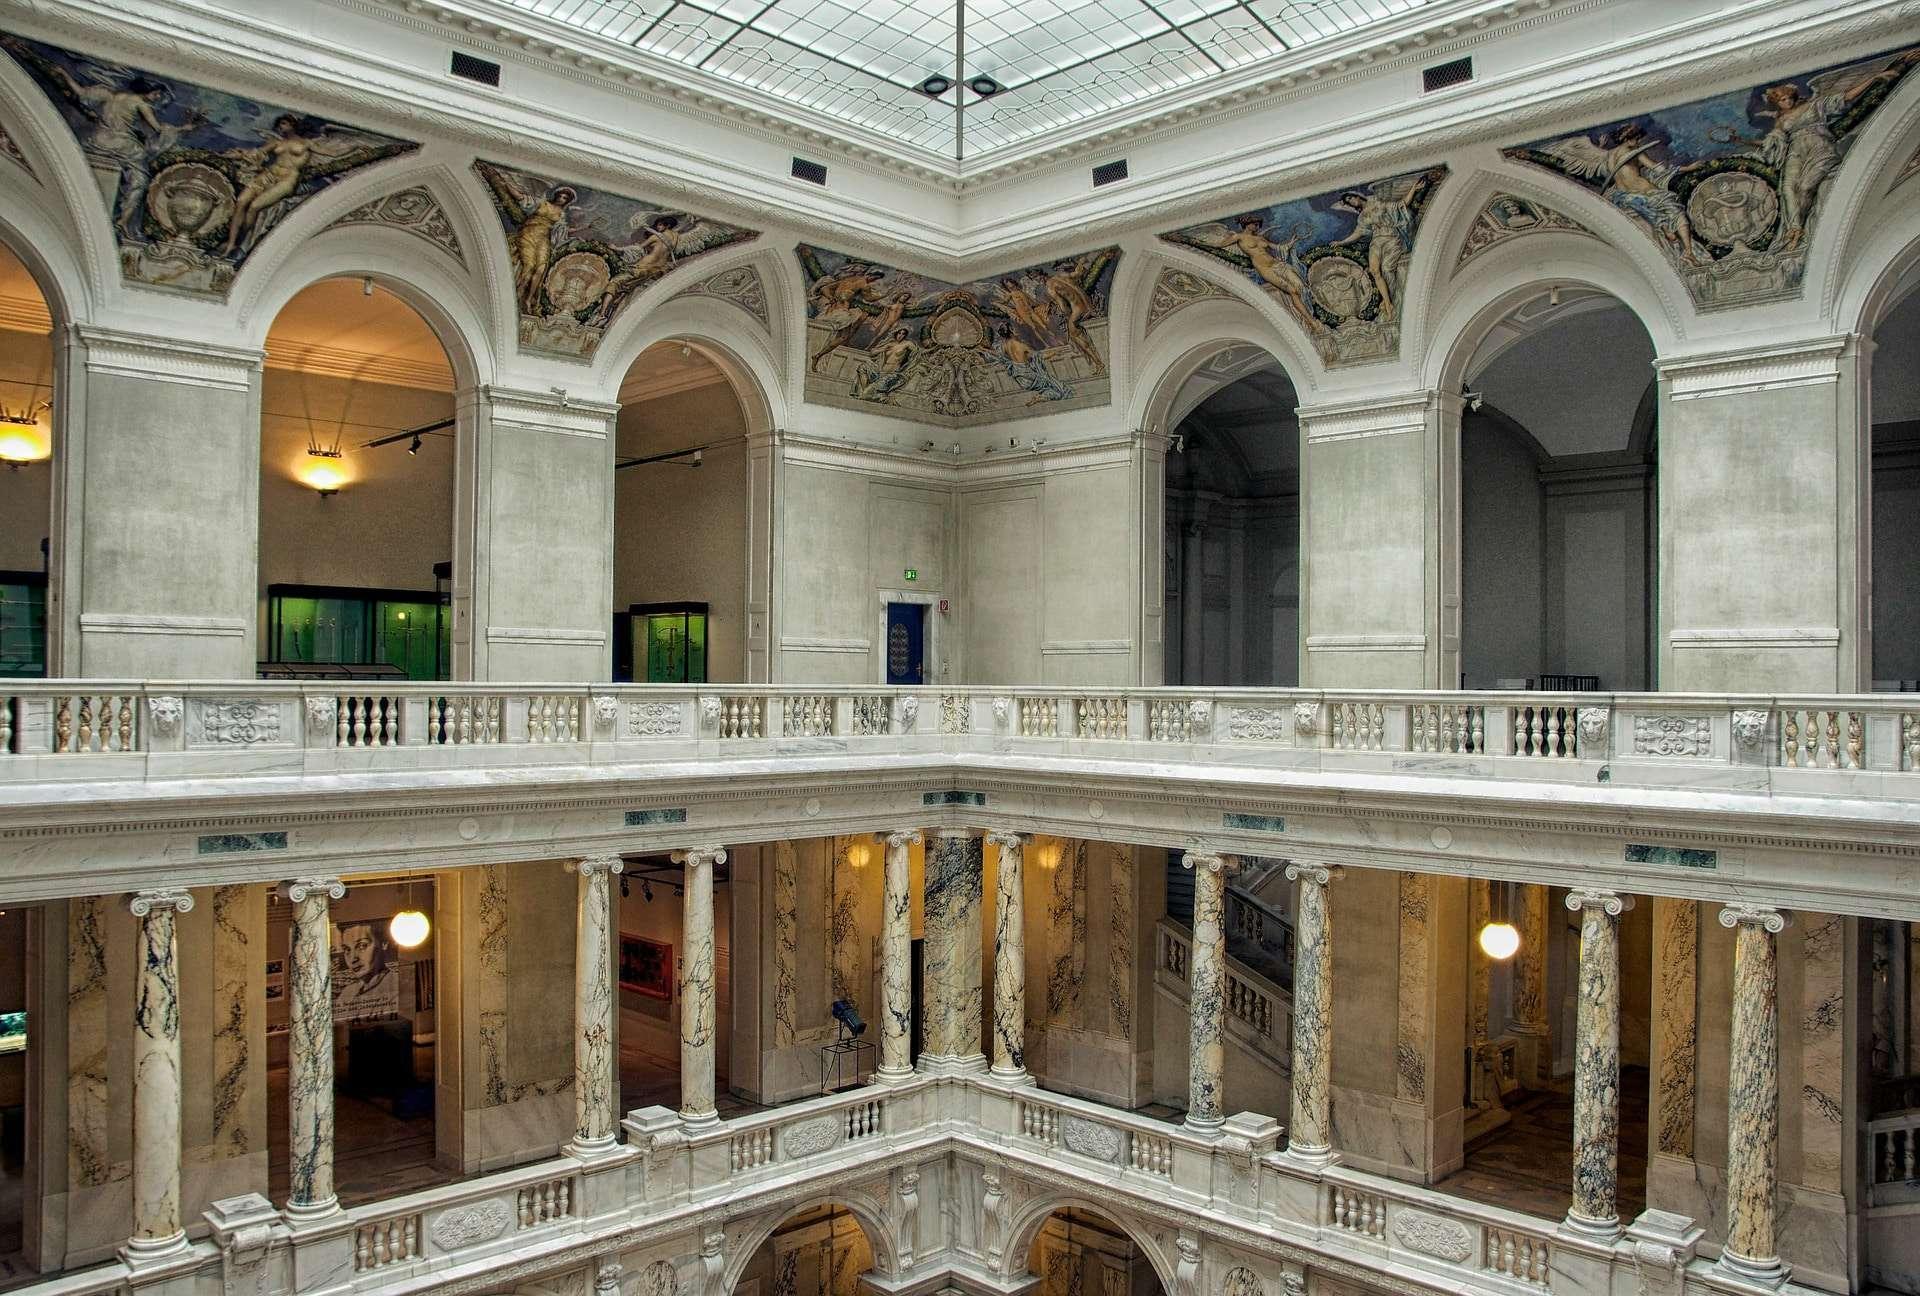 binnenkant van de Hofburg van Wenen